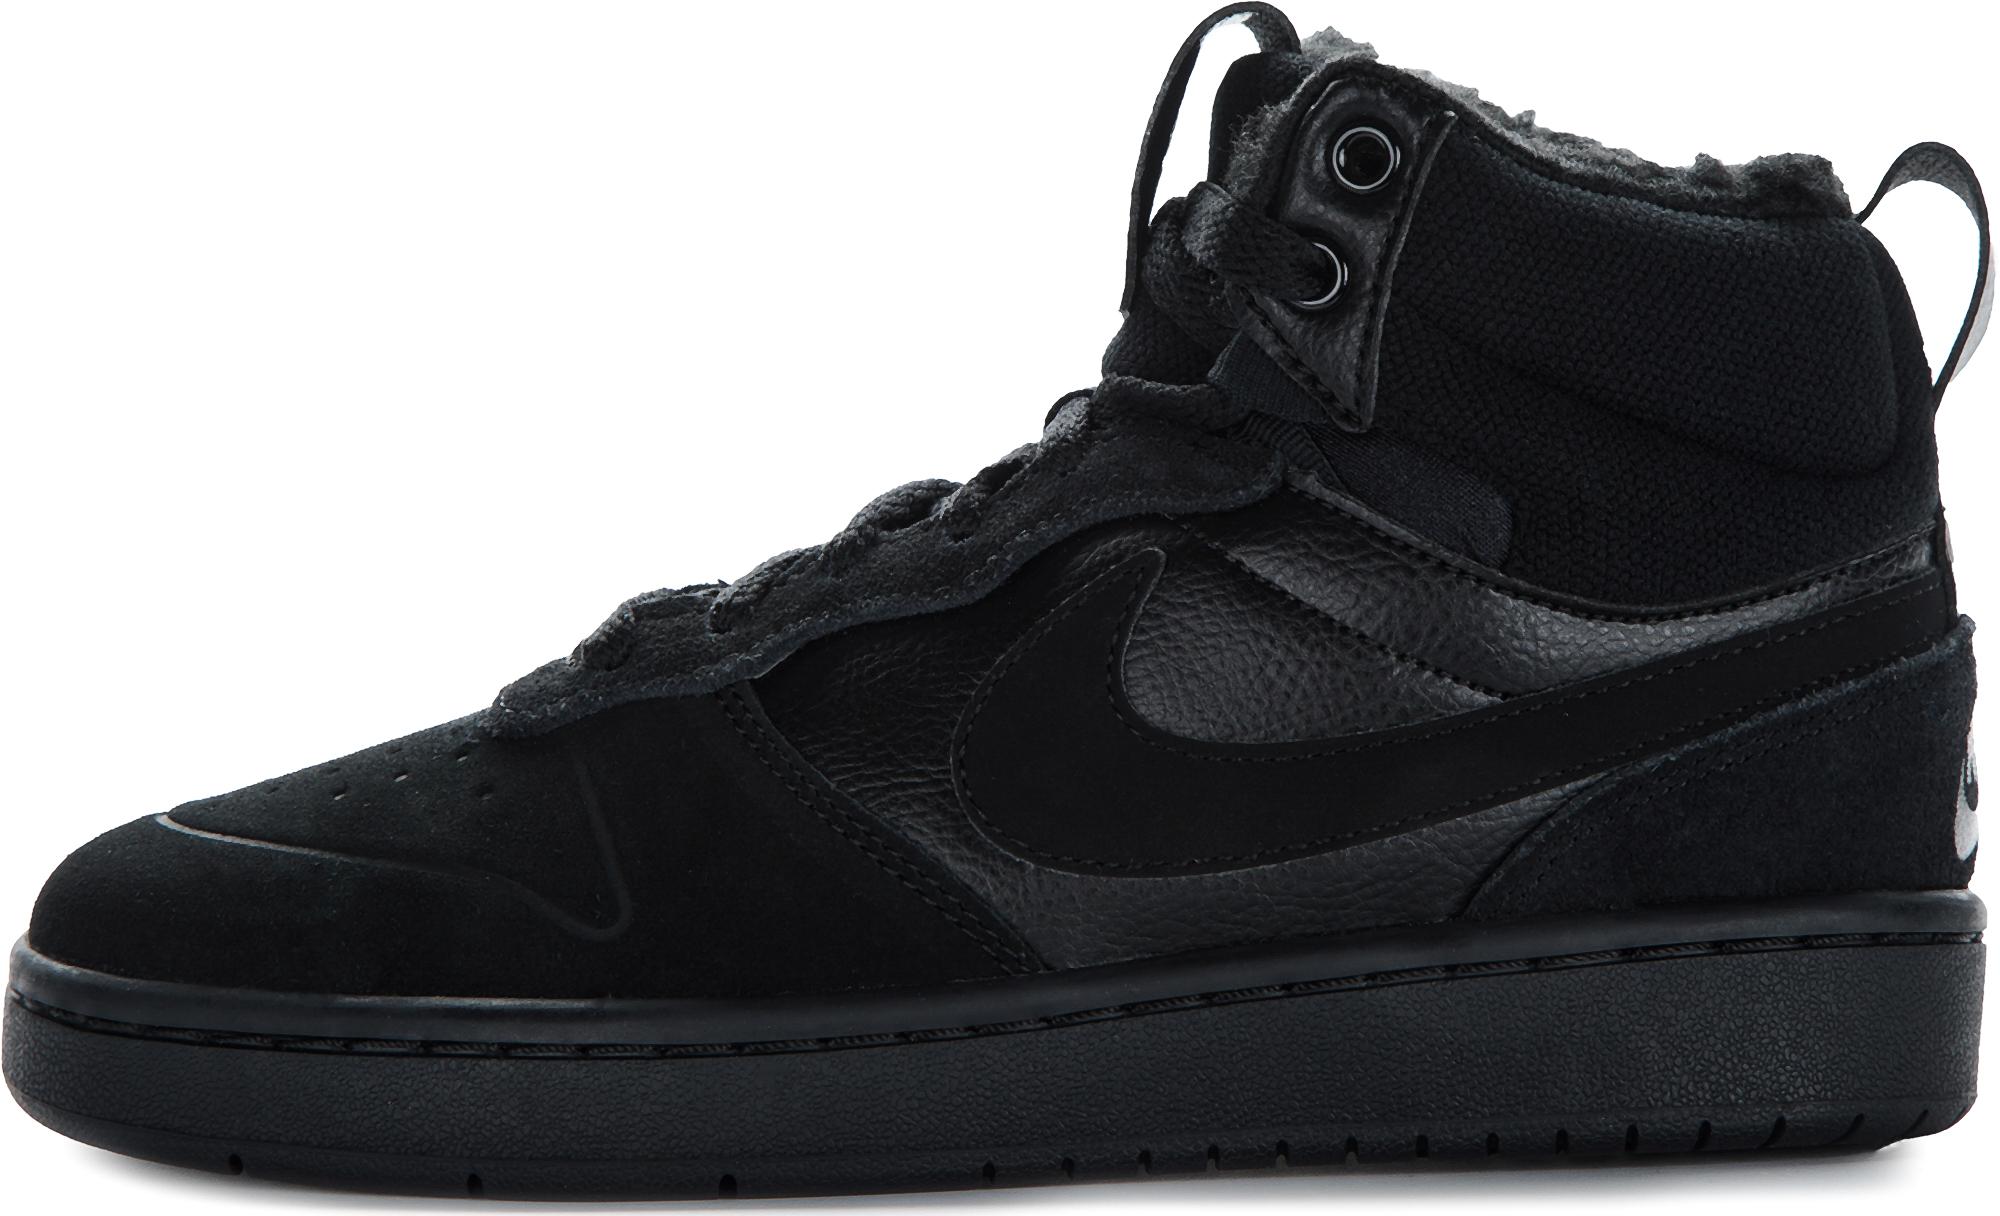 Nike Кеды утепленные для мальчиков Nike Court Borough 2, размер 38 nike кроссовки для мальчиков nike city court 7 размер 31